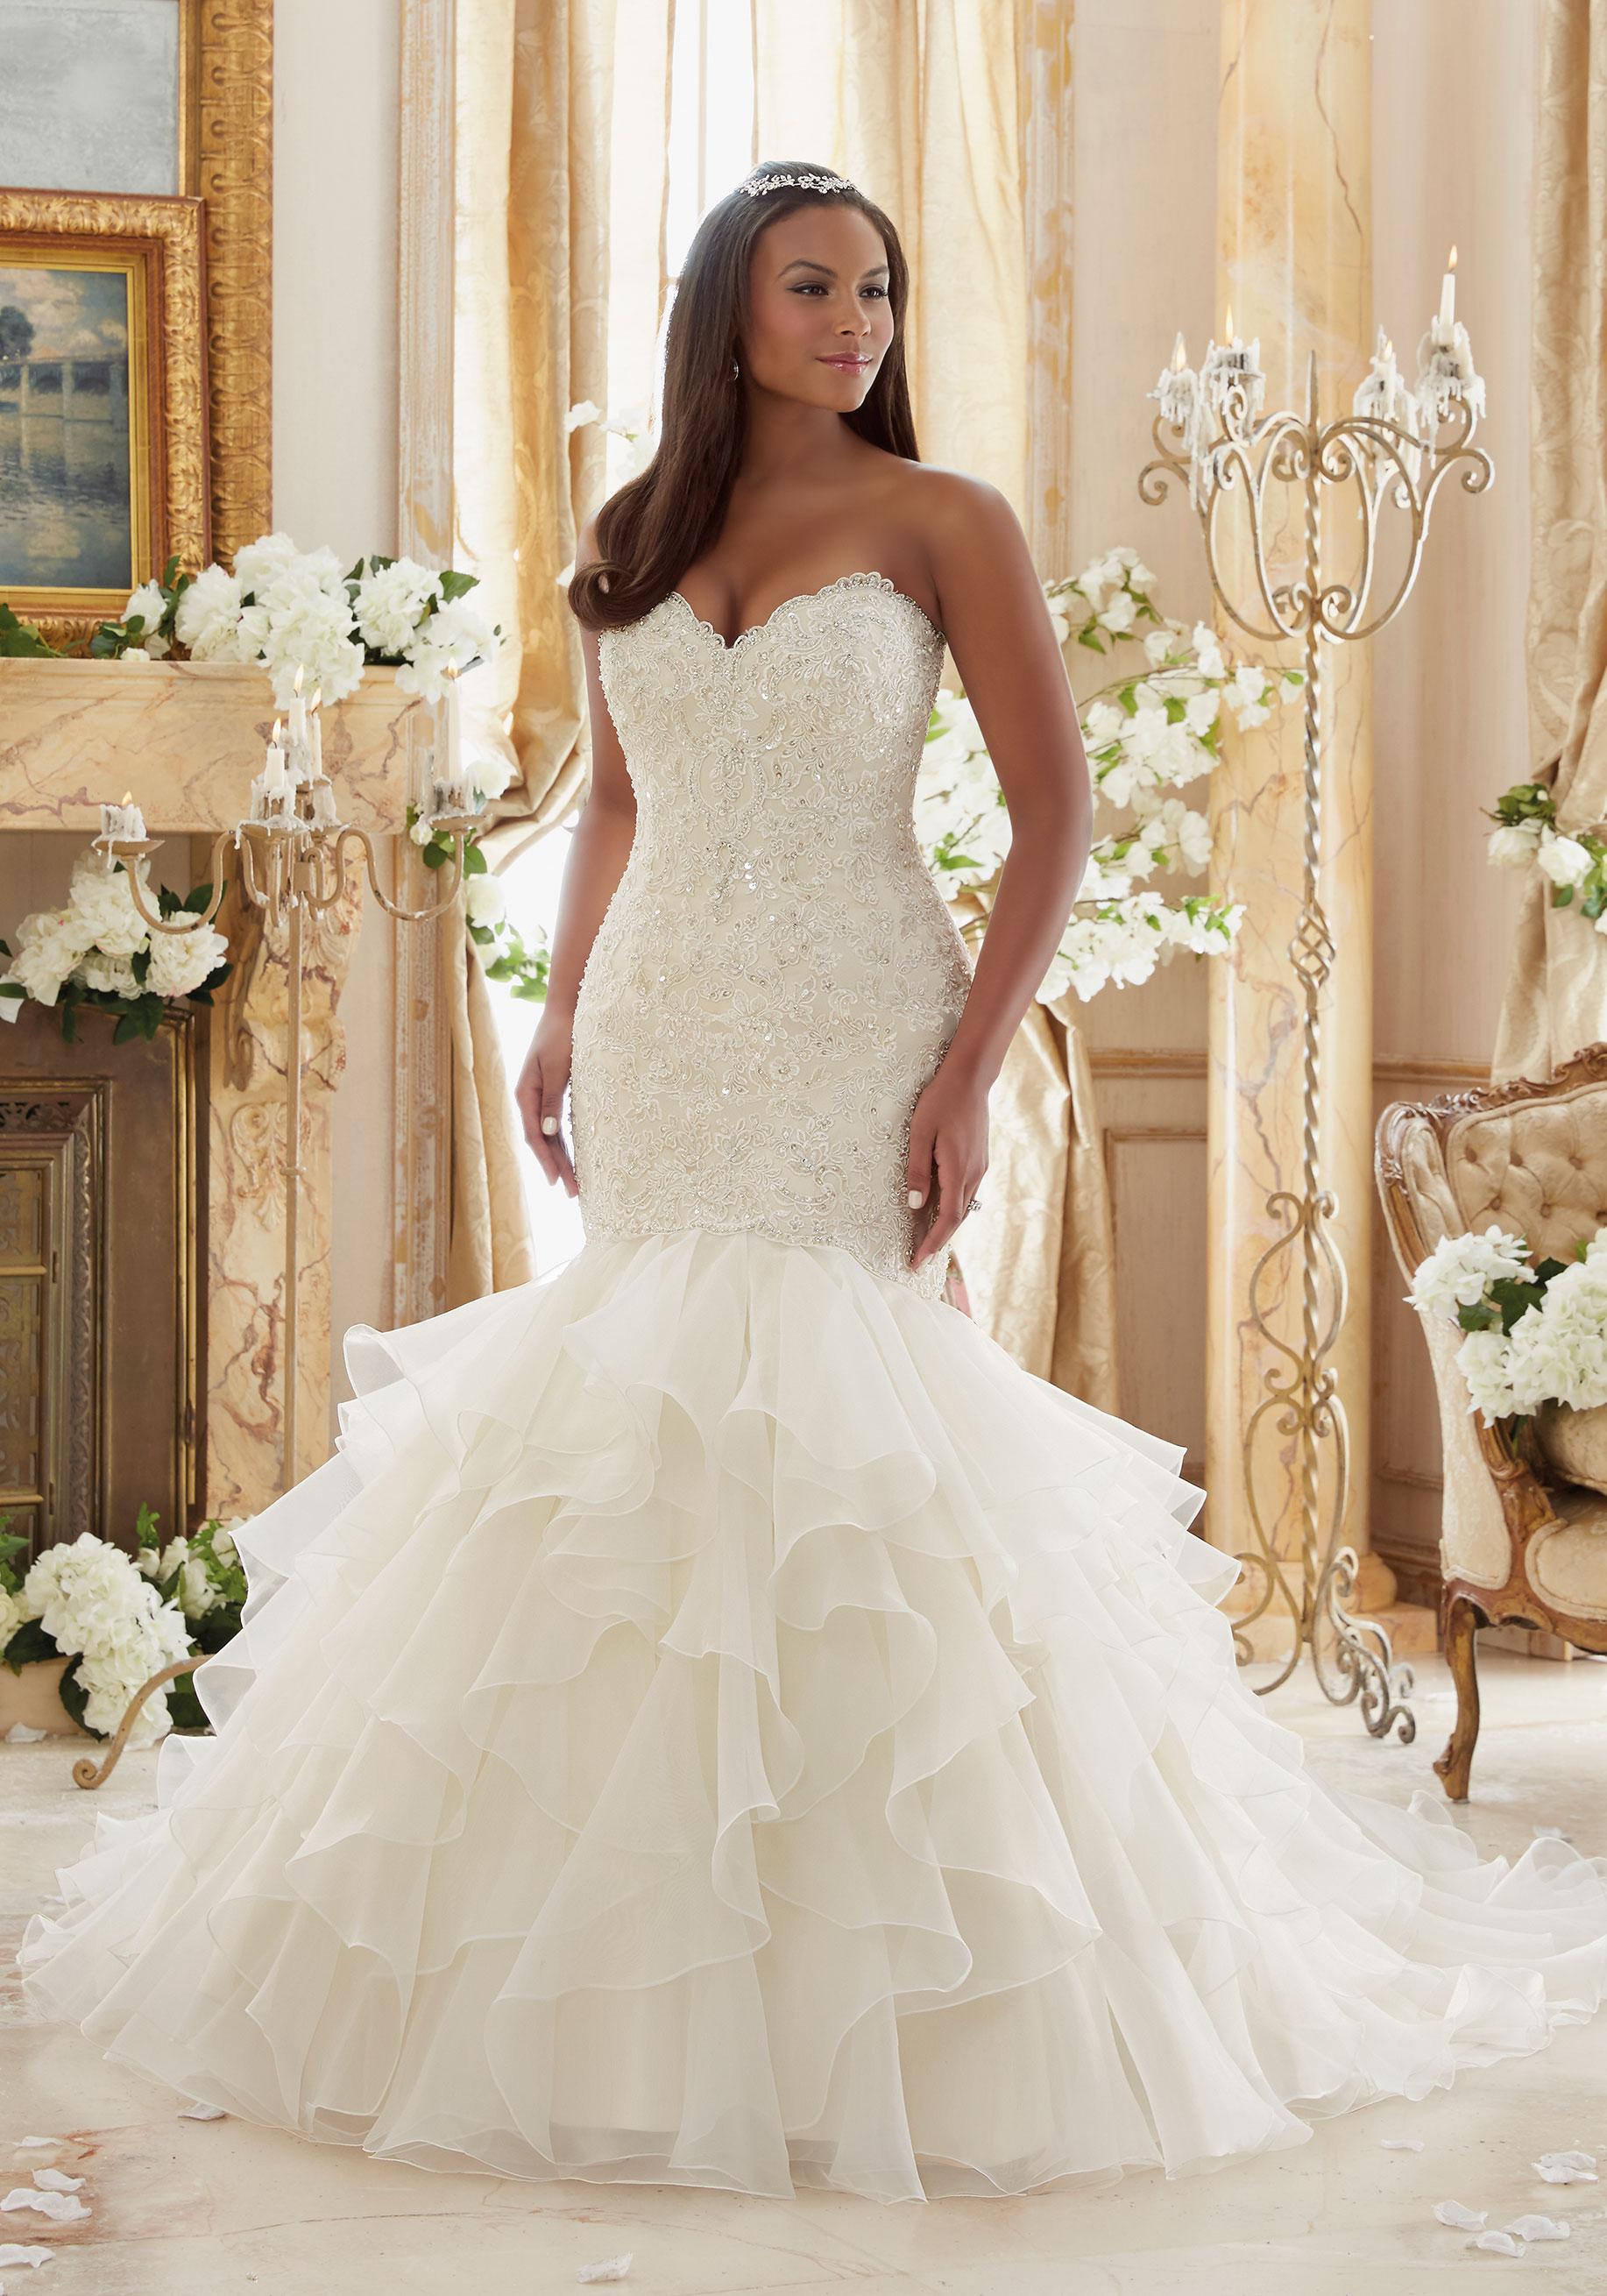 Vestido de casamento plus size tomara-que-caia